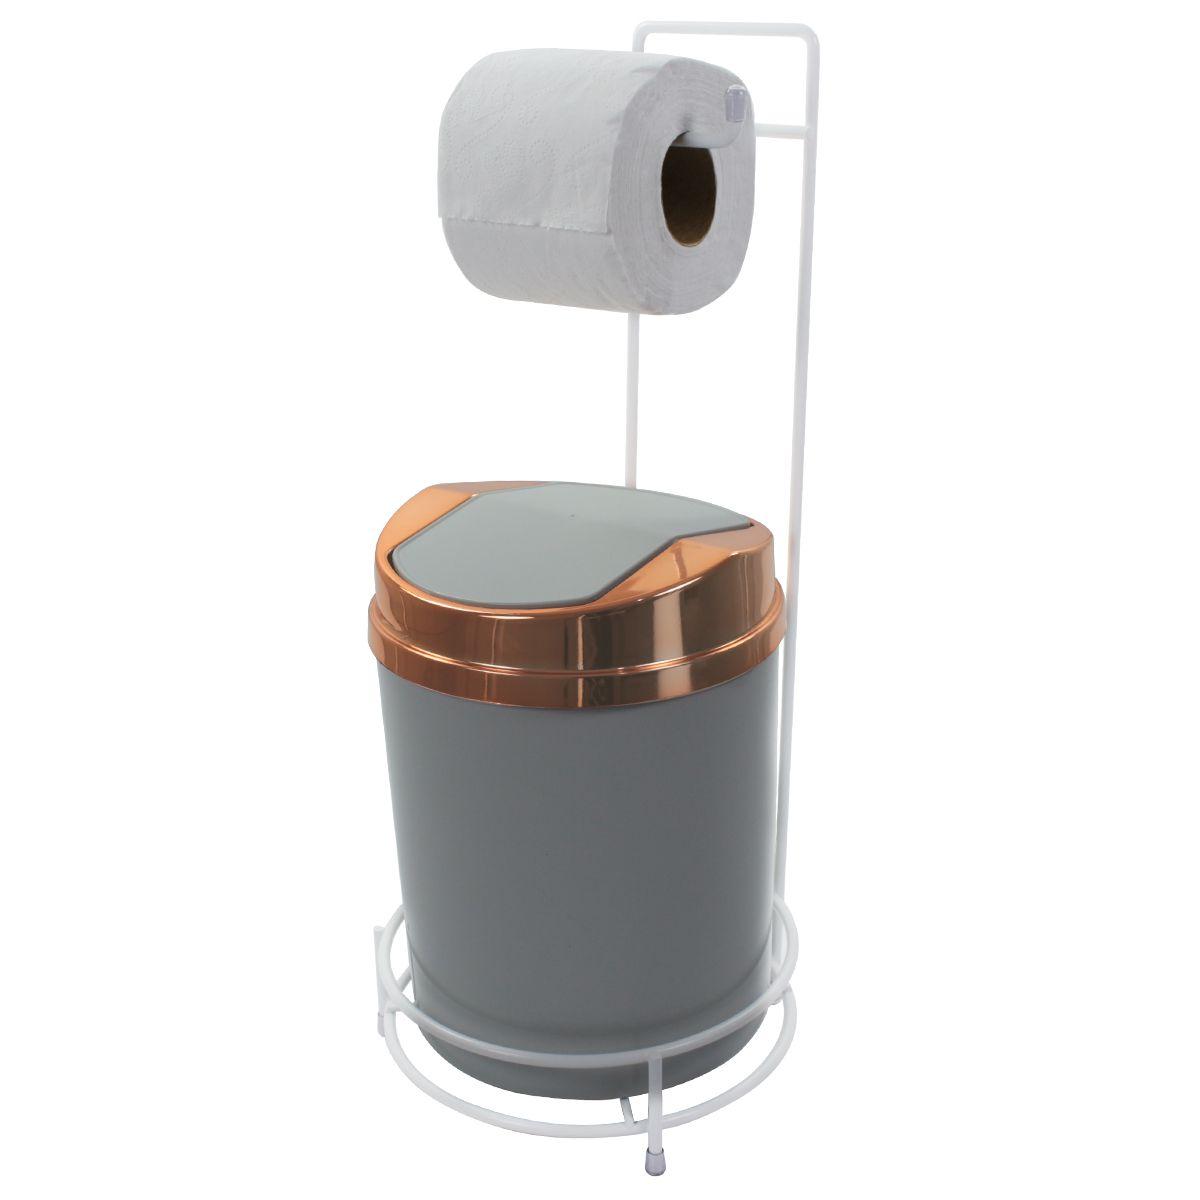 Suporte Para Papel Higiênico Branco Lixeira Basculante Cobre 5 Litros